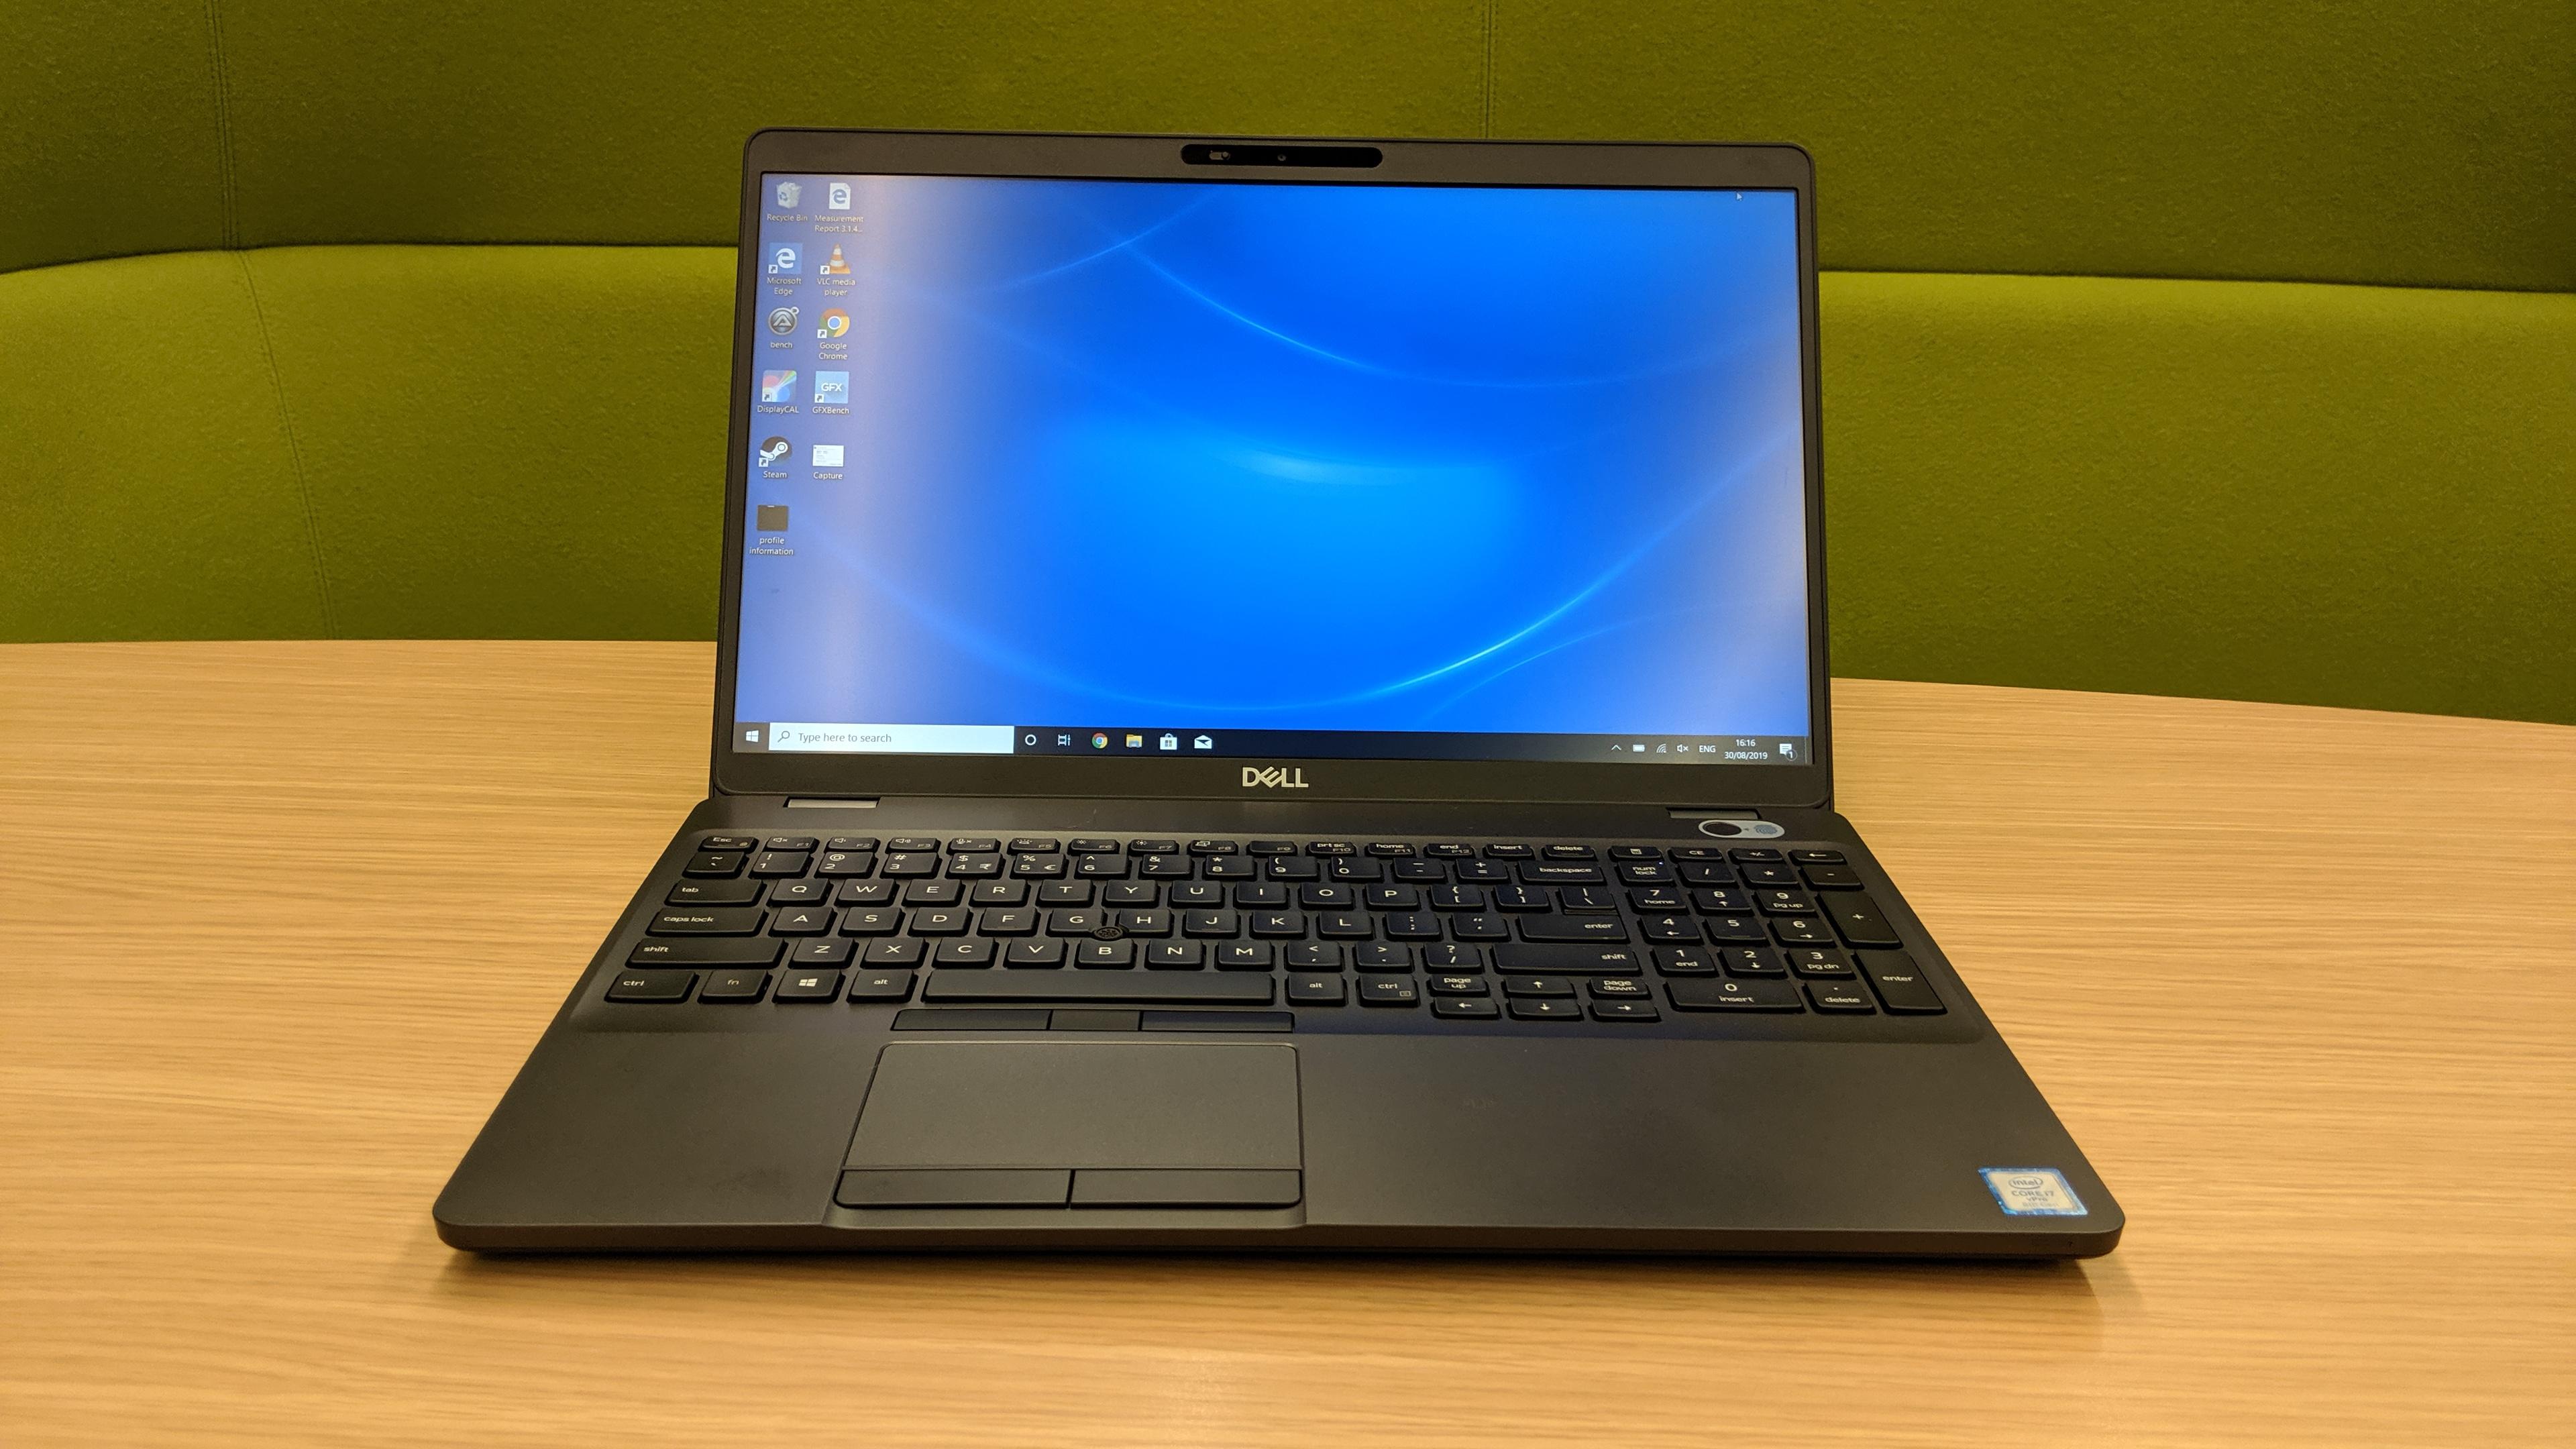 Đánh giá Dell Latitude 5500: Tắt phím 3